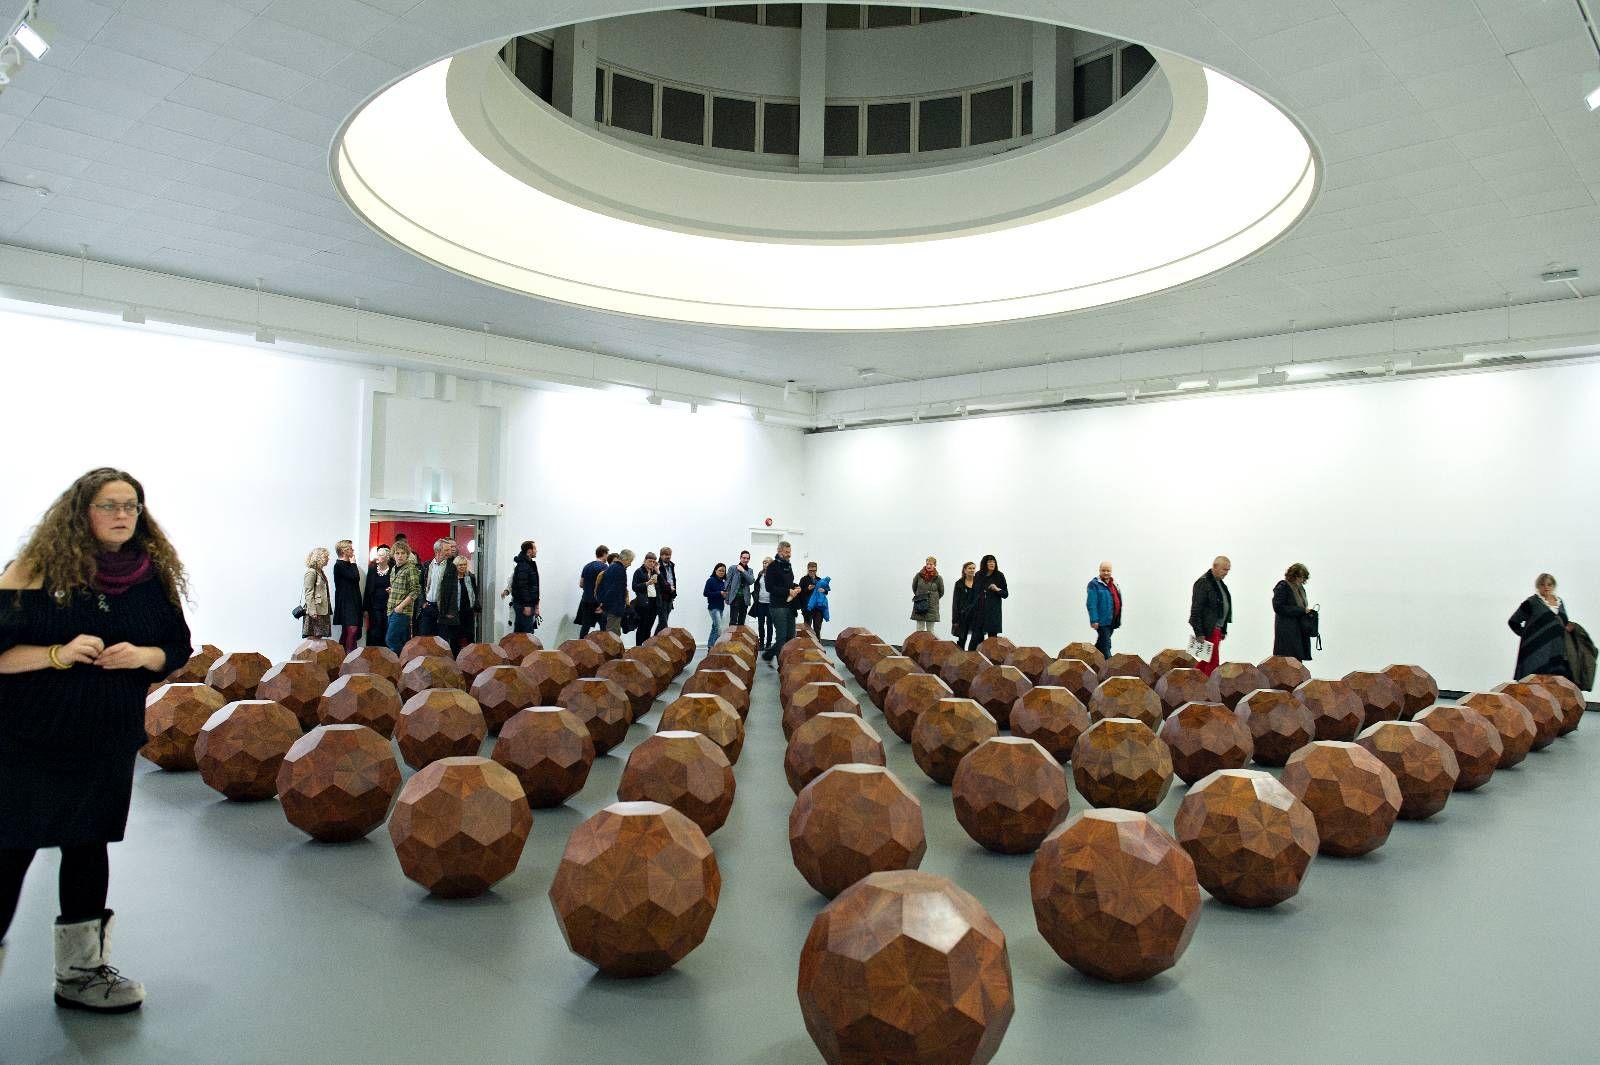 81 TREKULER FOR BERGEN: Verdenspremieren på Ai Weiweis installasjon i Bergen vakte oppsikt. Nå er utstillingen den var en del av belønnet med Kunstkritikerprisen.